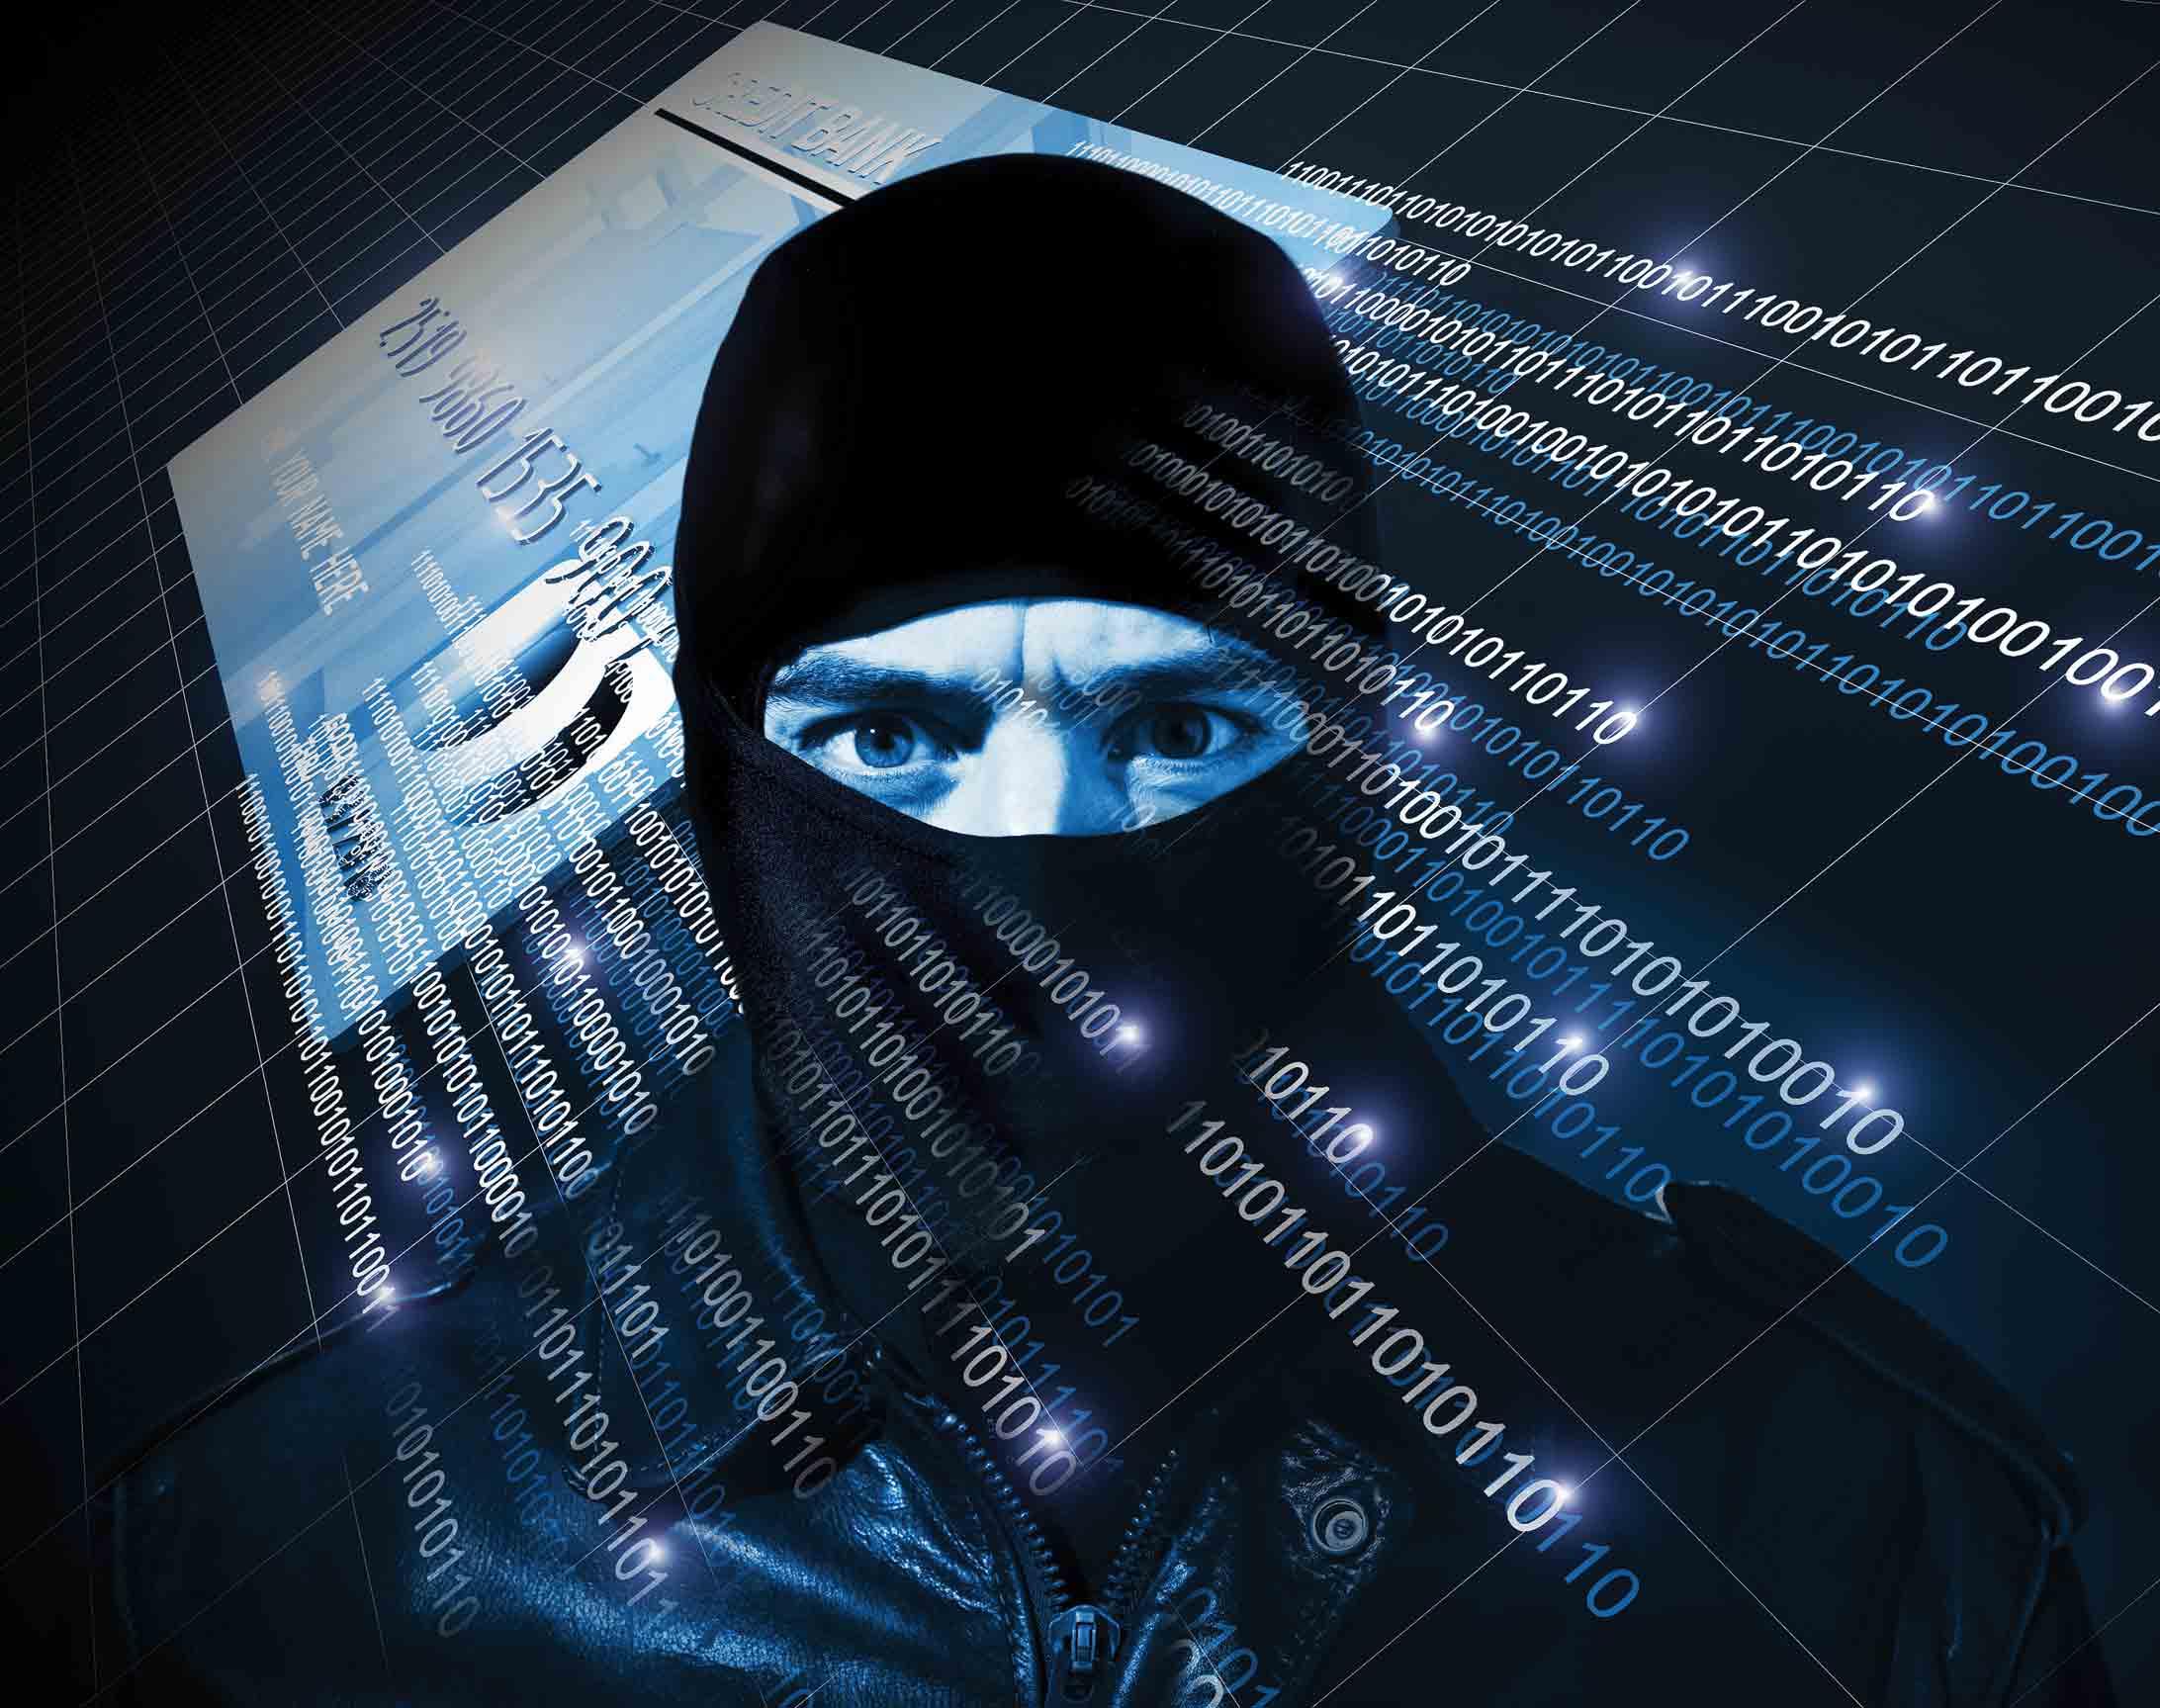 Восьмирічні пошуки. ФБР заарештувала вПольщі українського хакера